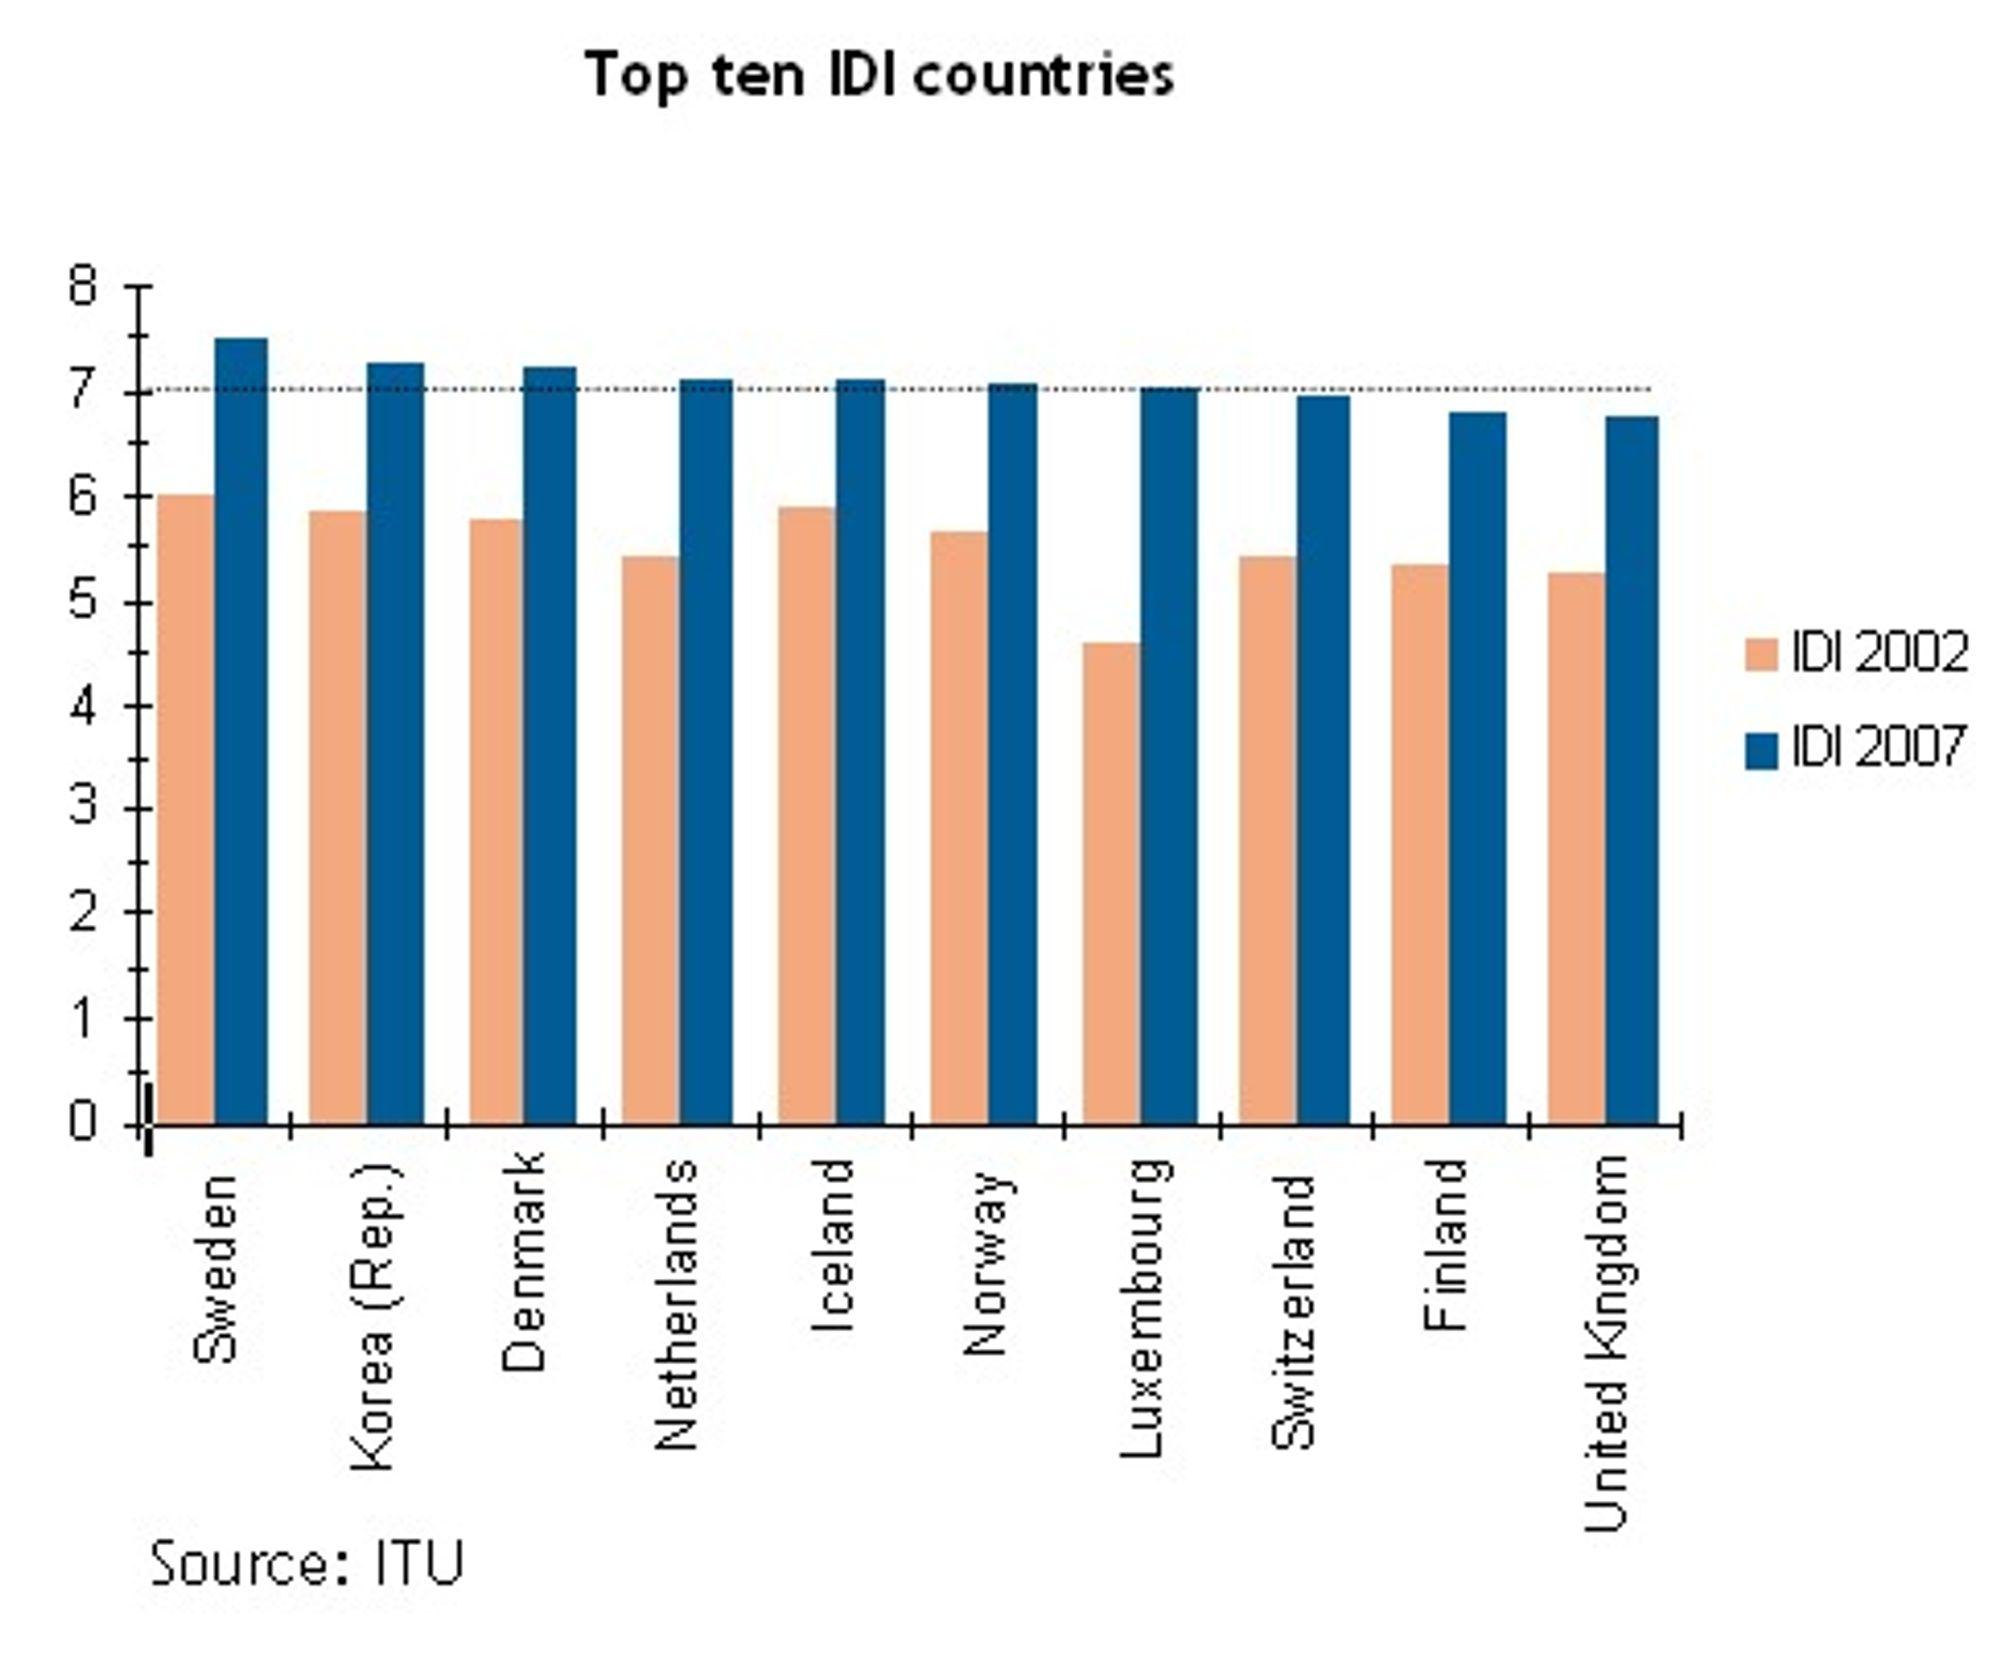 Hele Norden er med i gruppen som har høyest IKT utviklingsindeks, ifølge ITU.